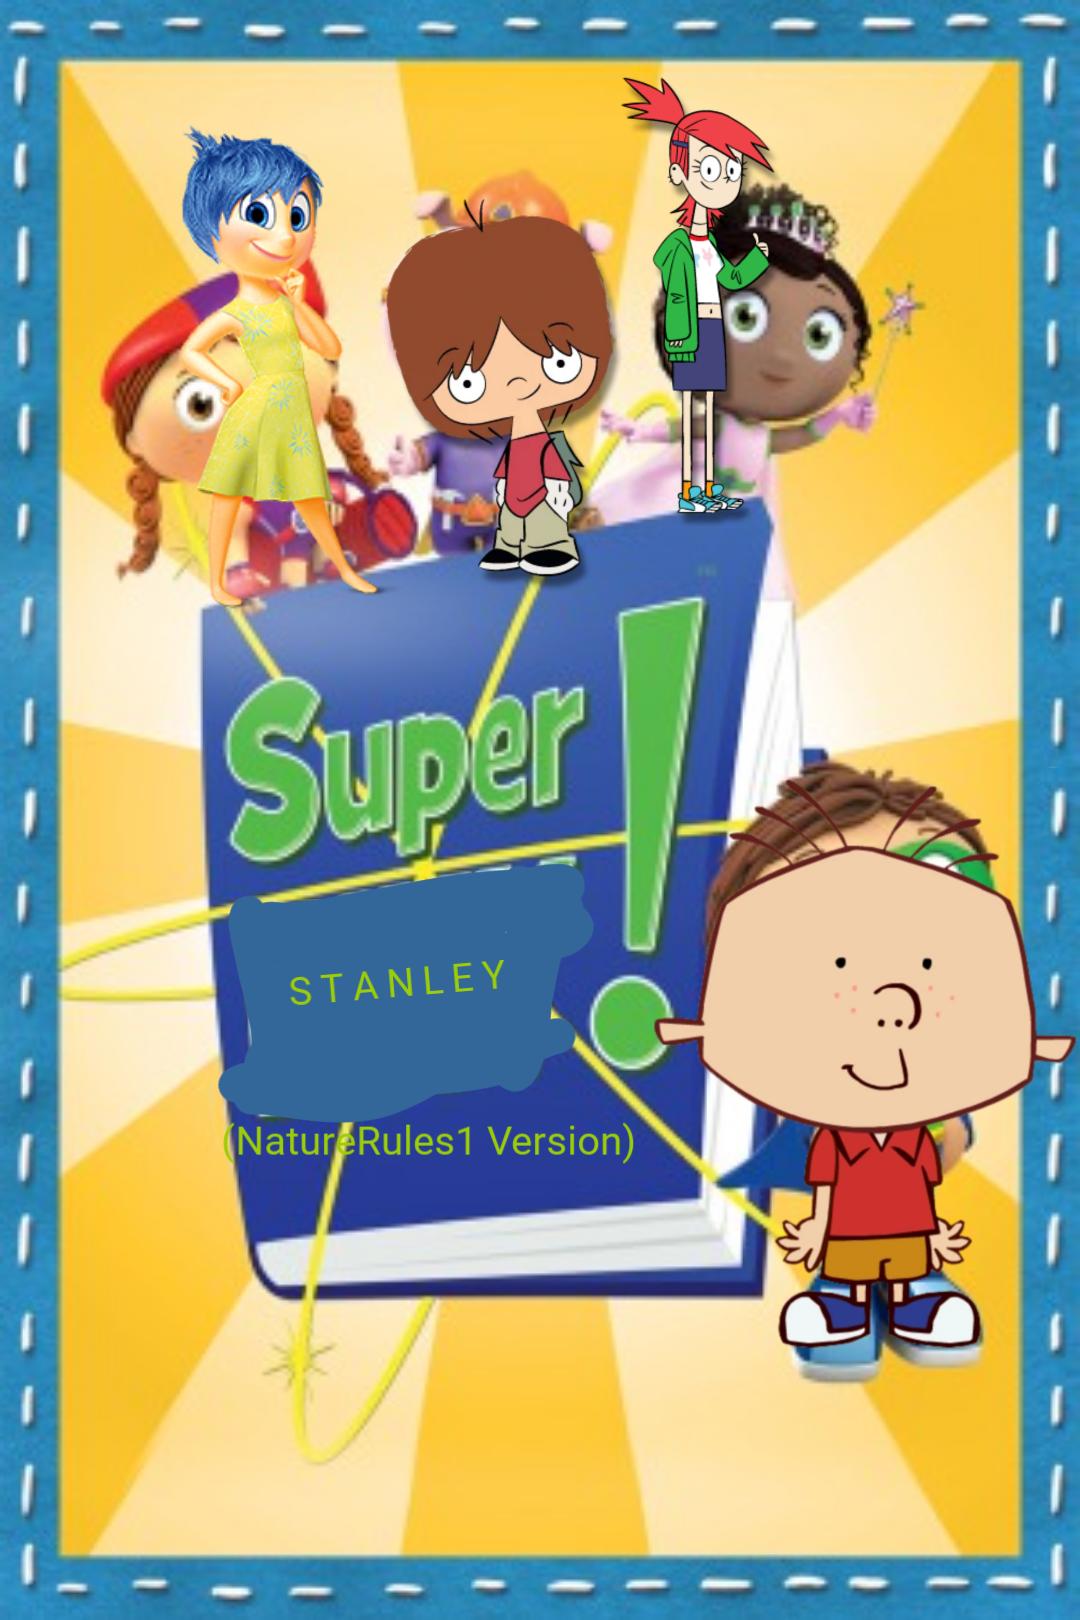 Super Stanley! (NatureRules1 Version)